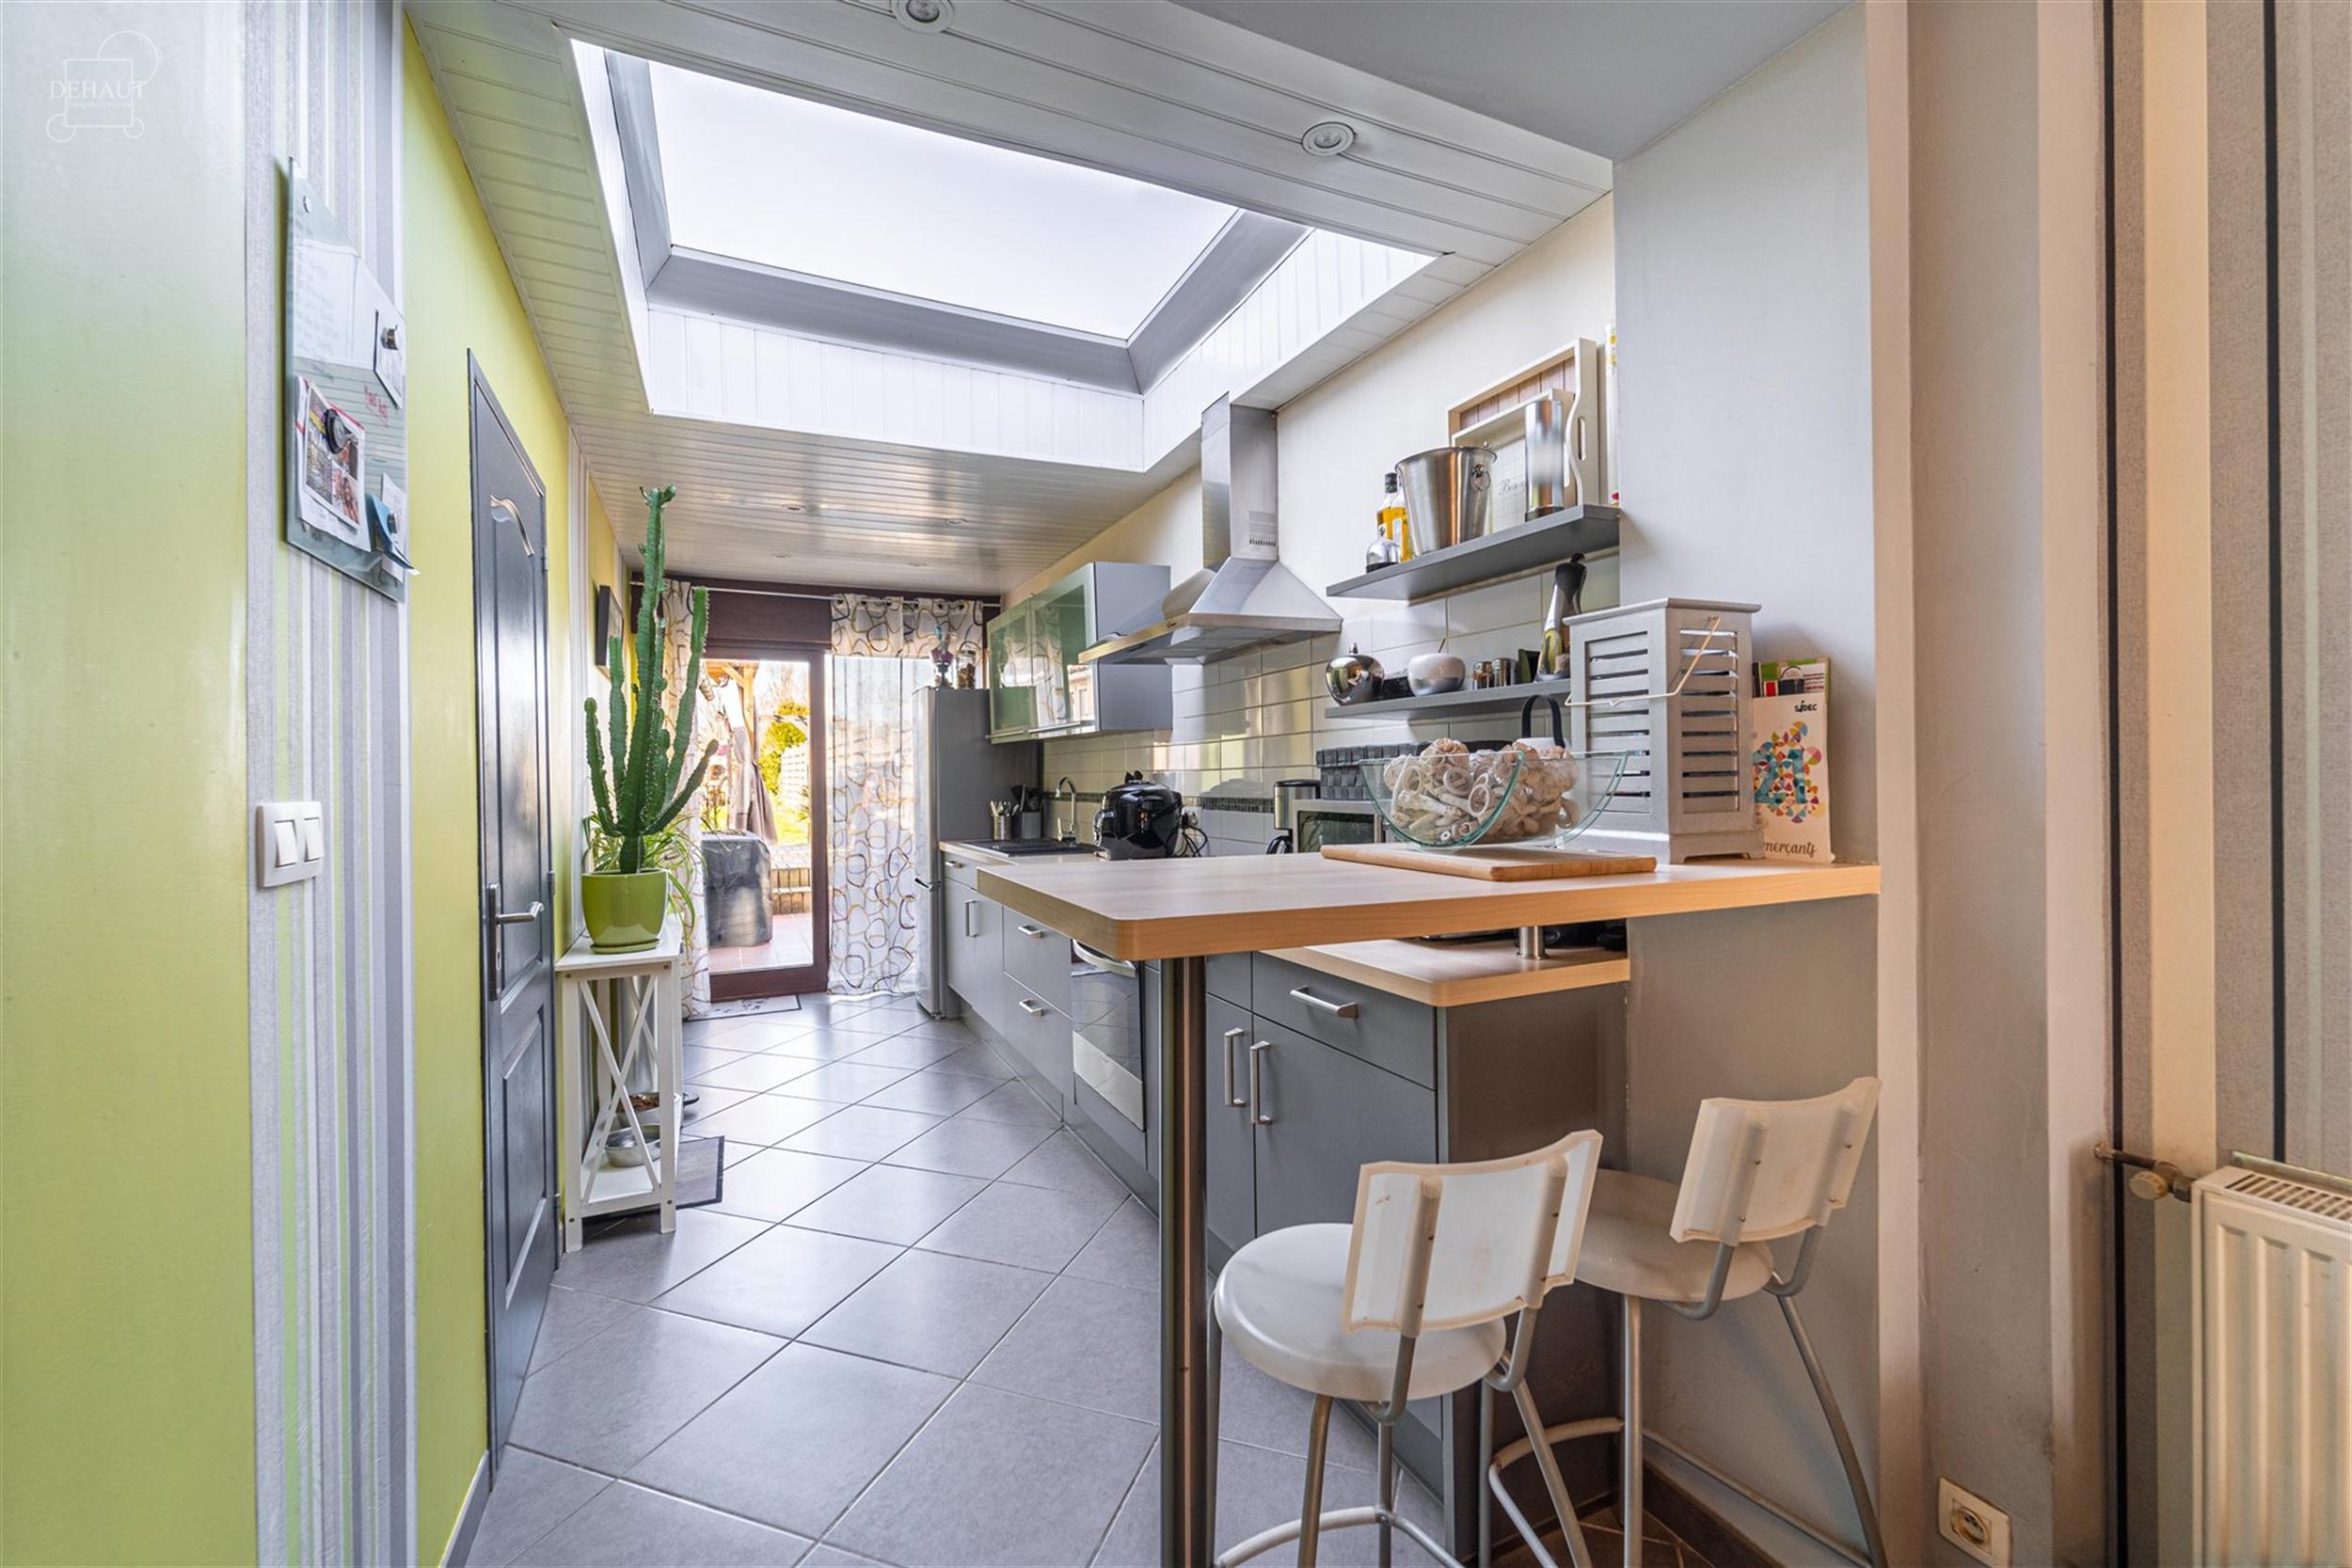 Belle maison de ville rénovée avec joli séjour donnant sur cuisine équipée, 2 chambres poss. 4, SDB avec wc séparé. Jardin avec une magnifique ...